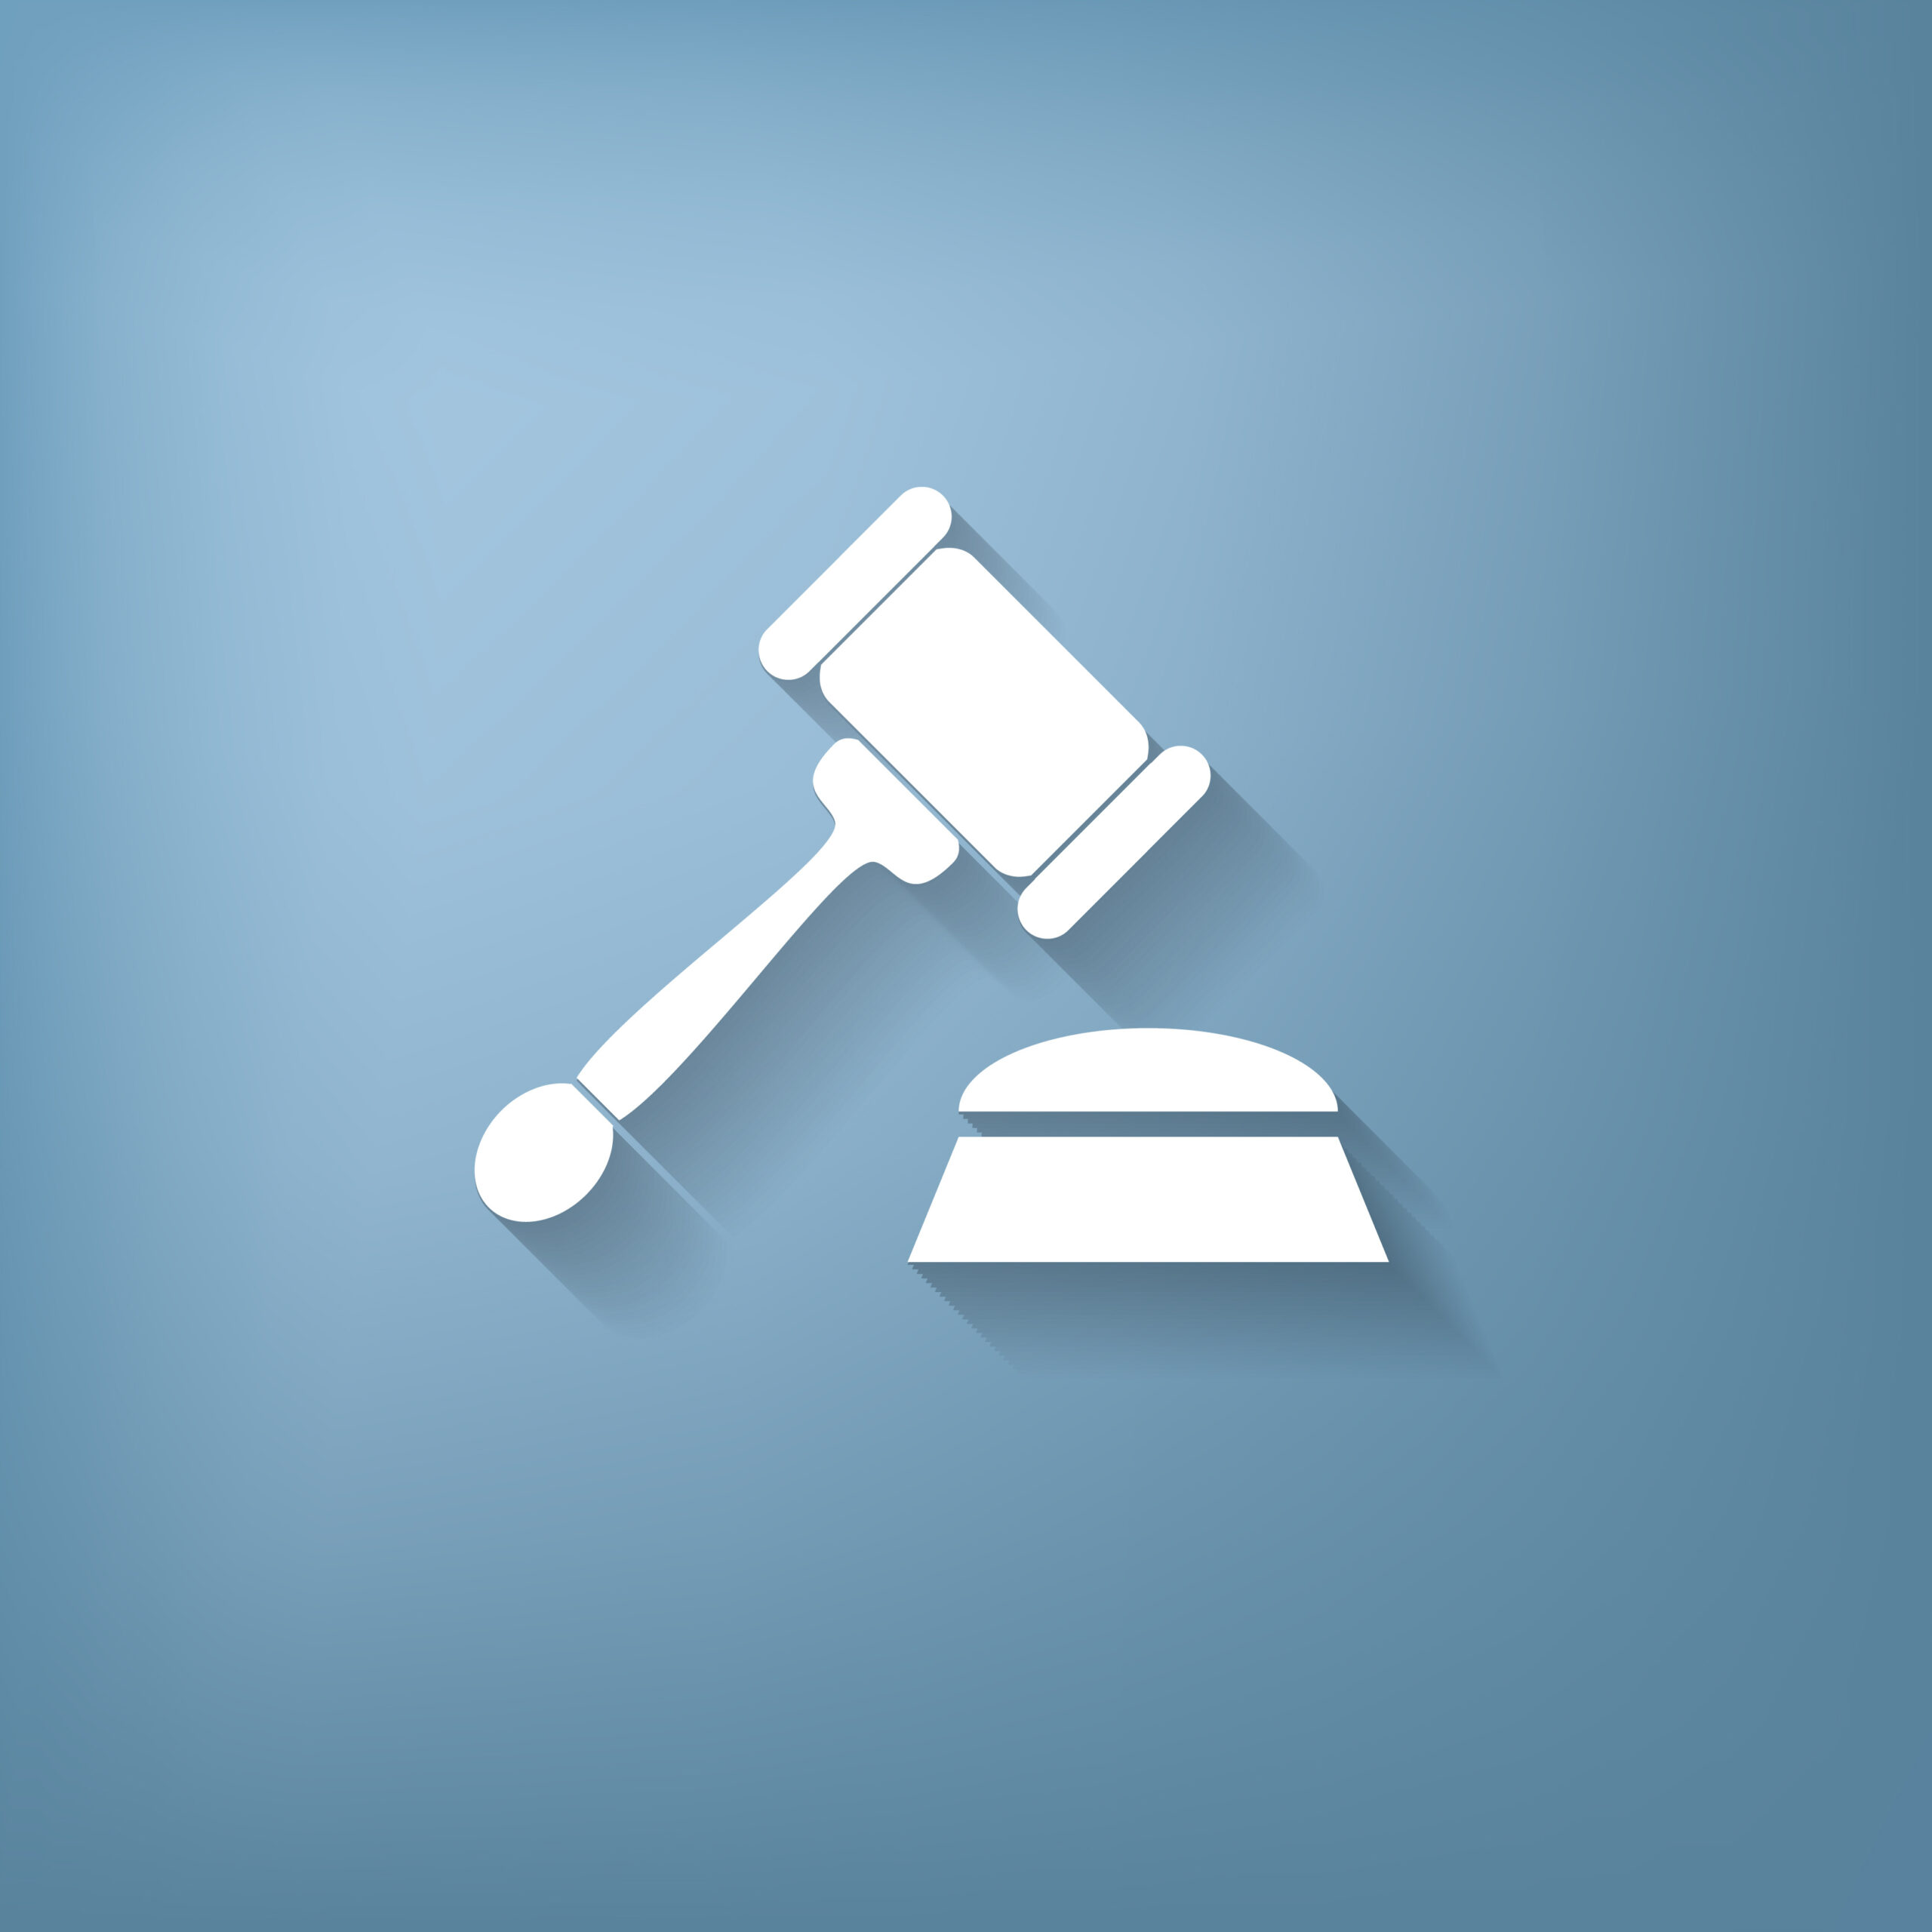 Latinismos jurídicos: cuándo y cómo usarlos